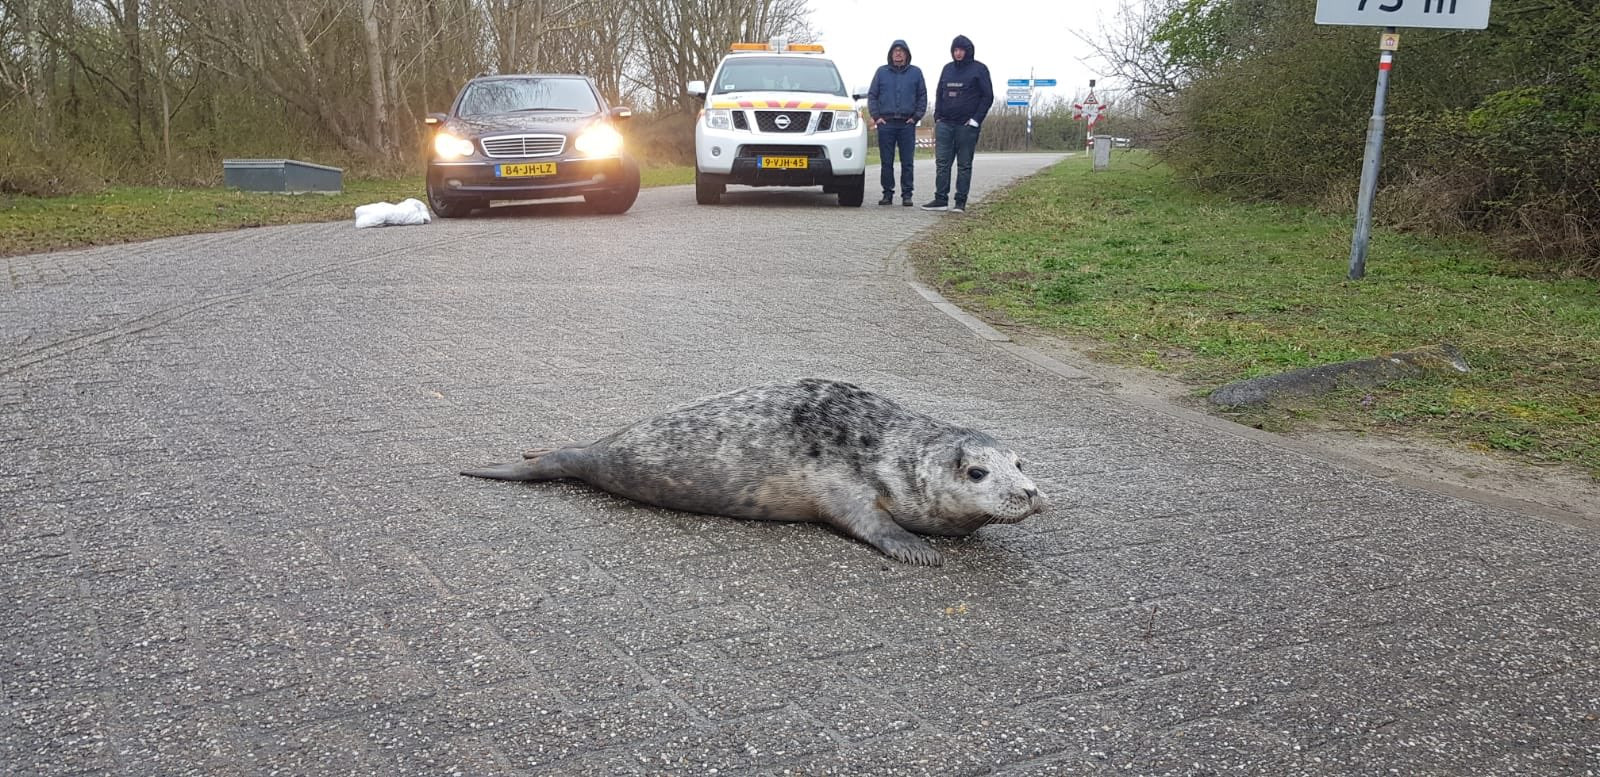 De zeehond werd op de parkeerplaats aangetroffen.